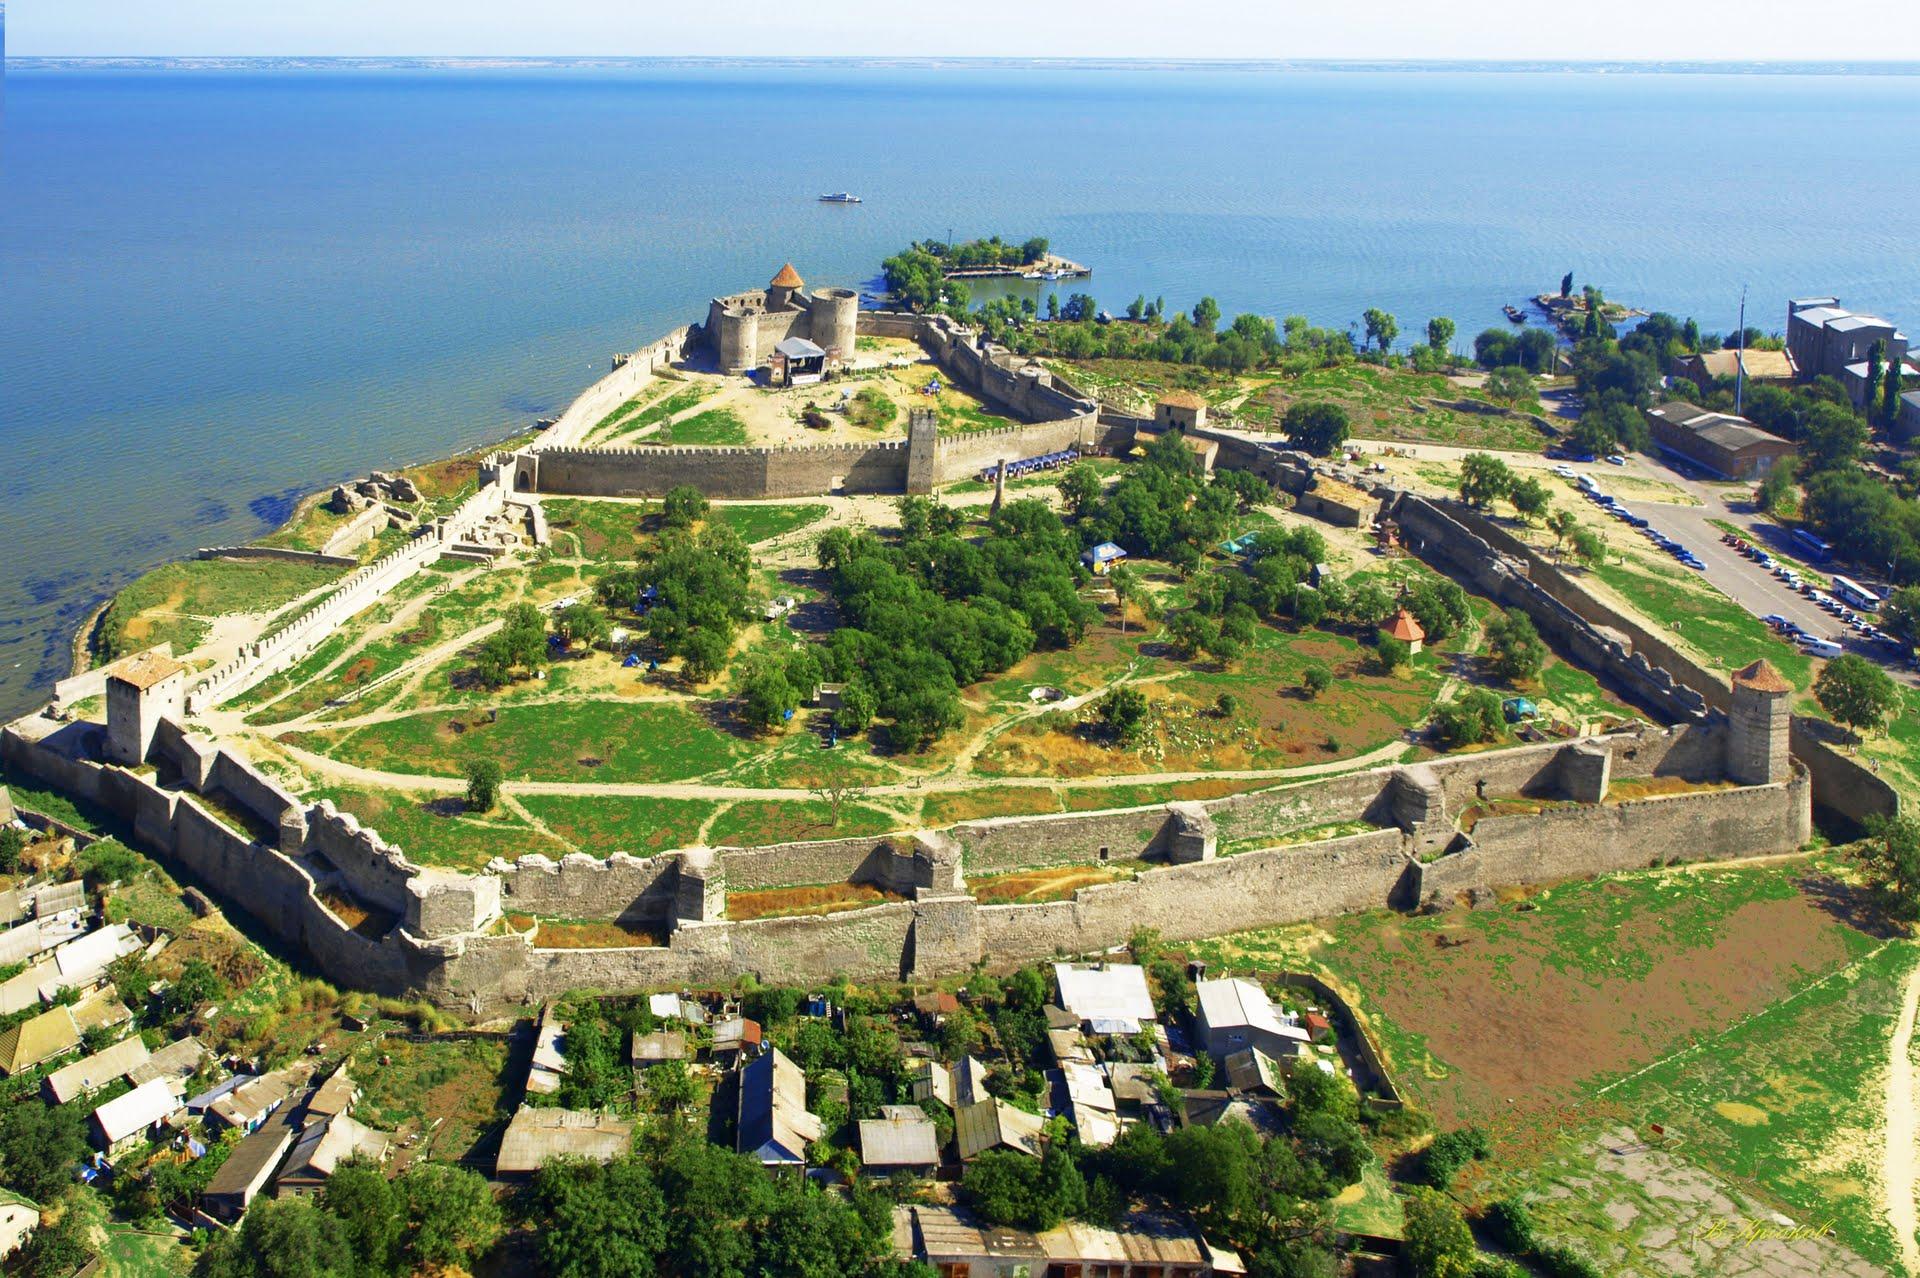 Общий вид крепости с выходом на Днестровский лиман